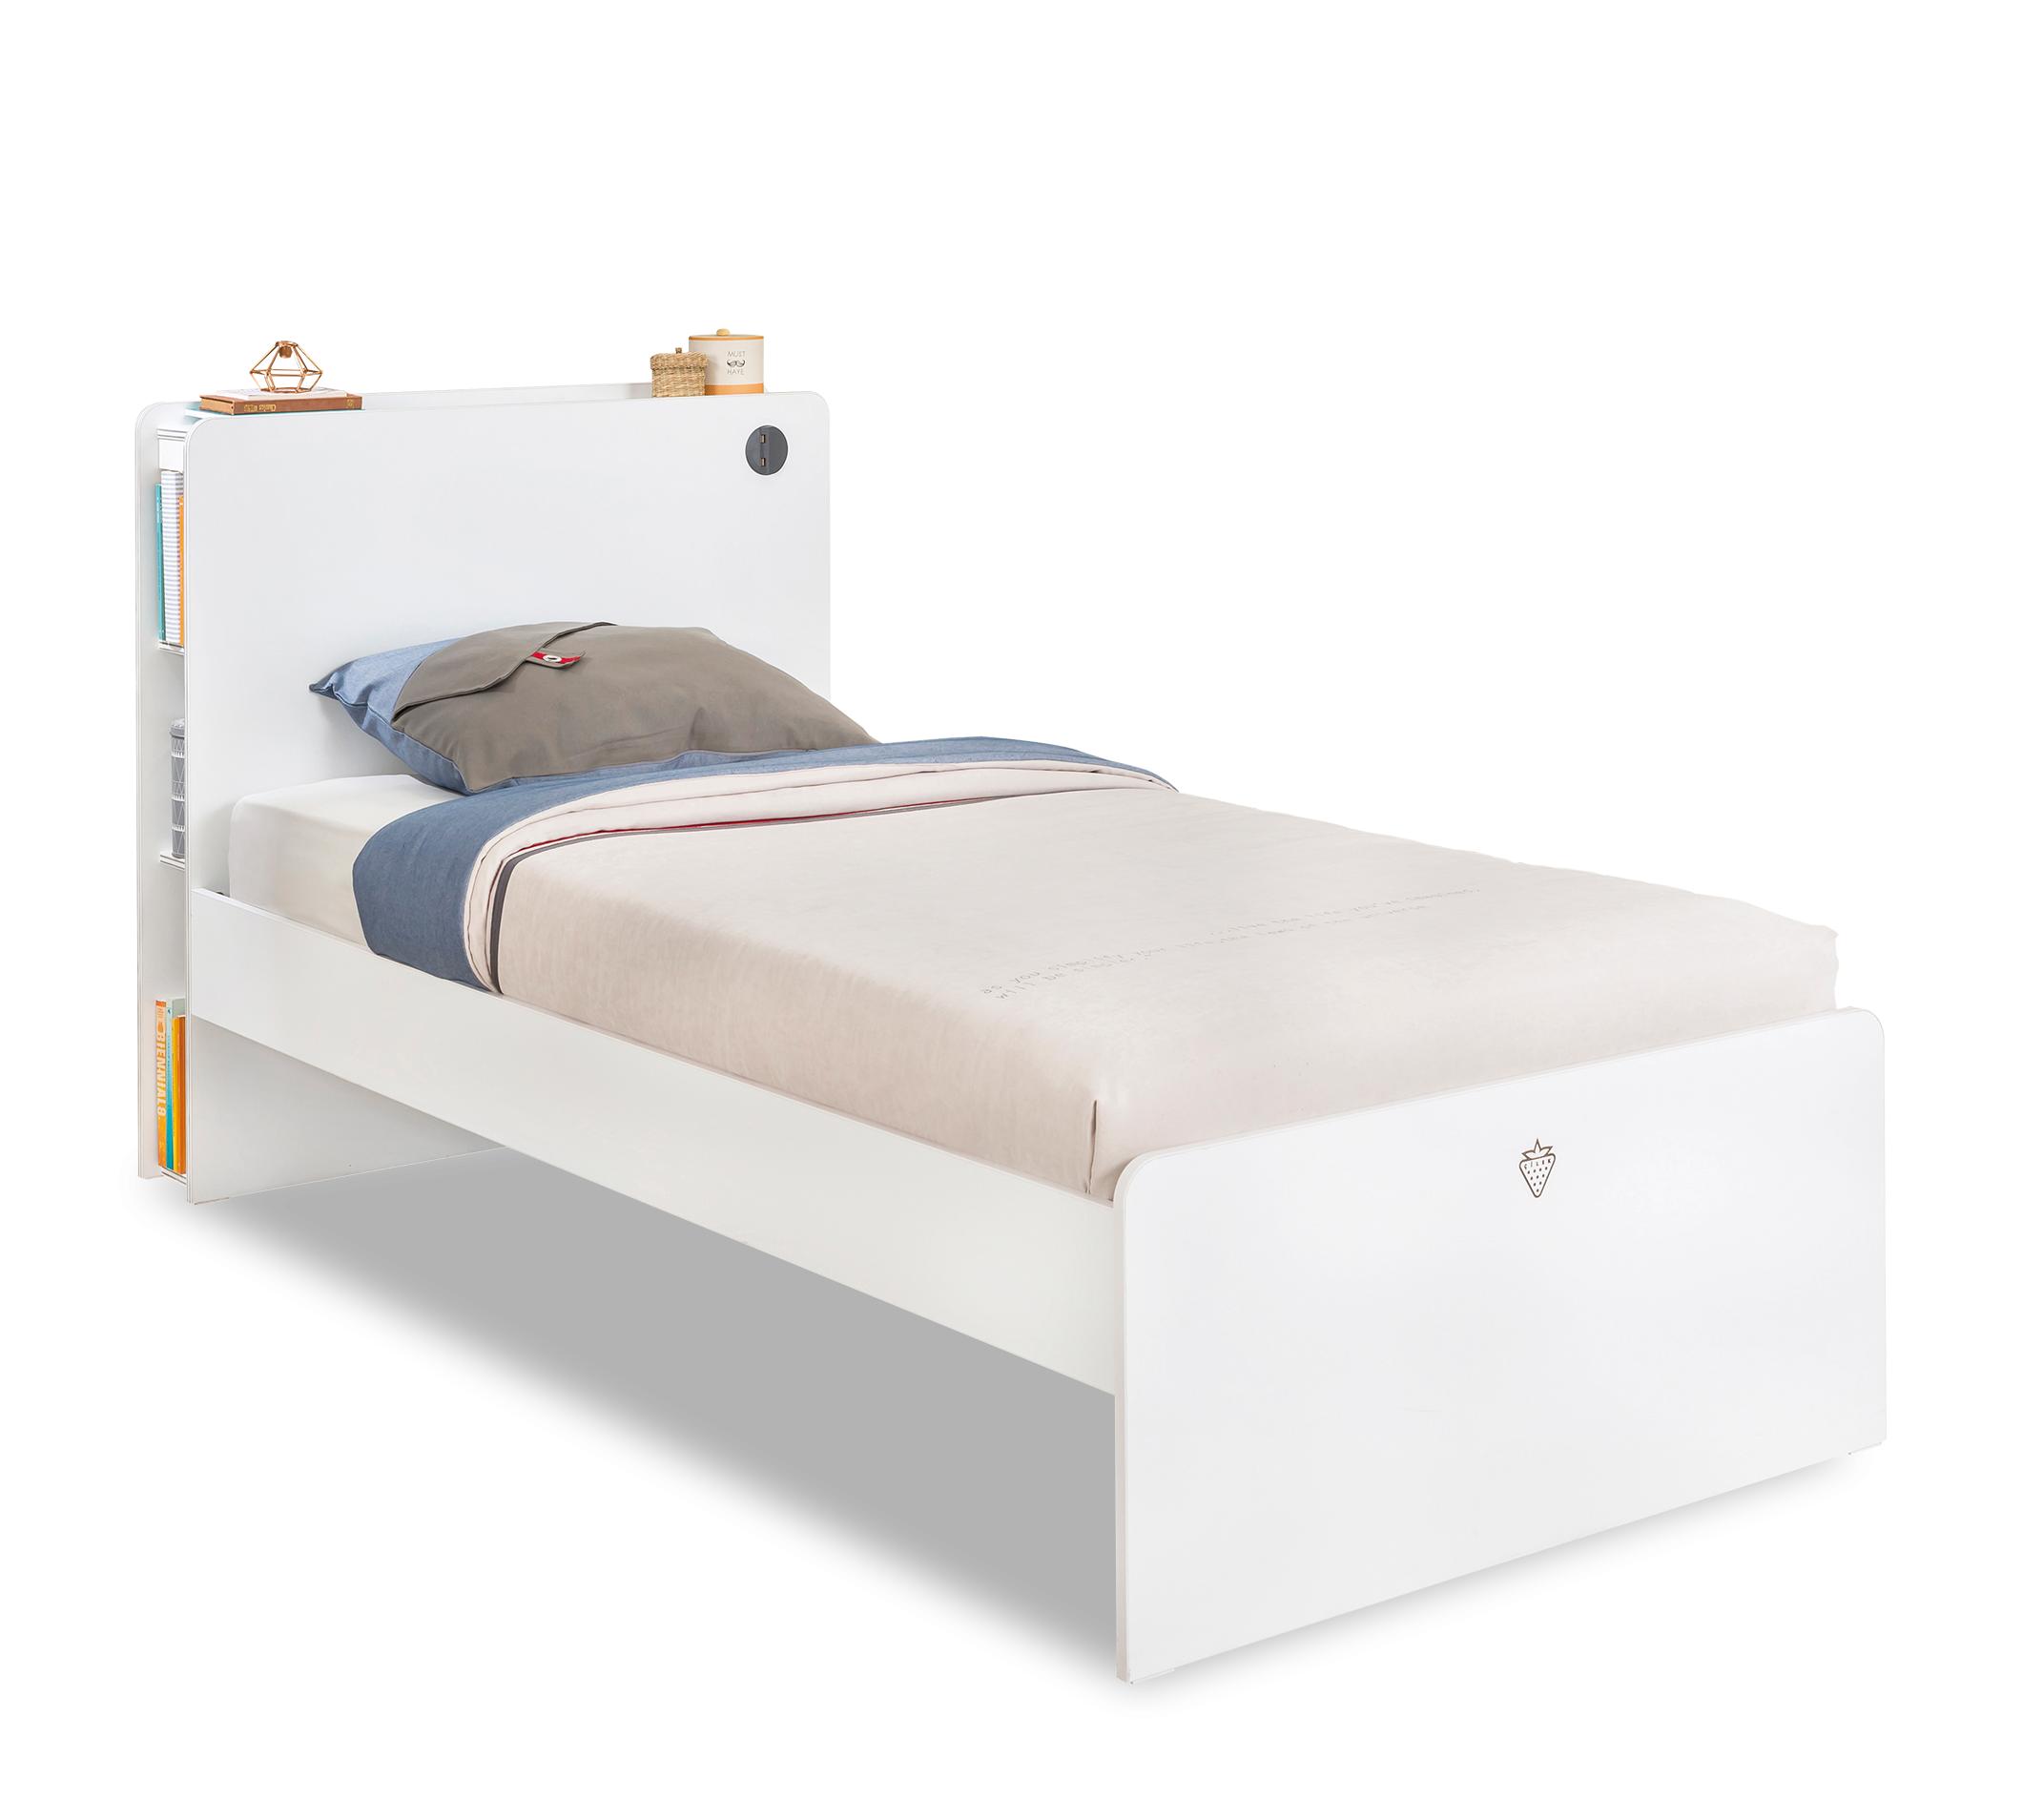 Cilek White Large 120x200cm Jugendbett Bett Ideen Jugendbett Bett